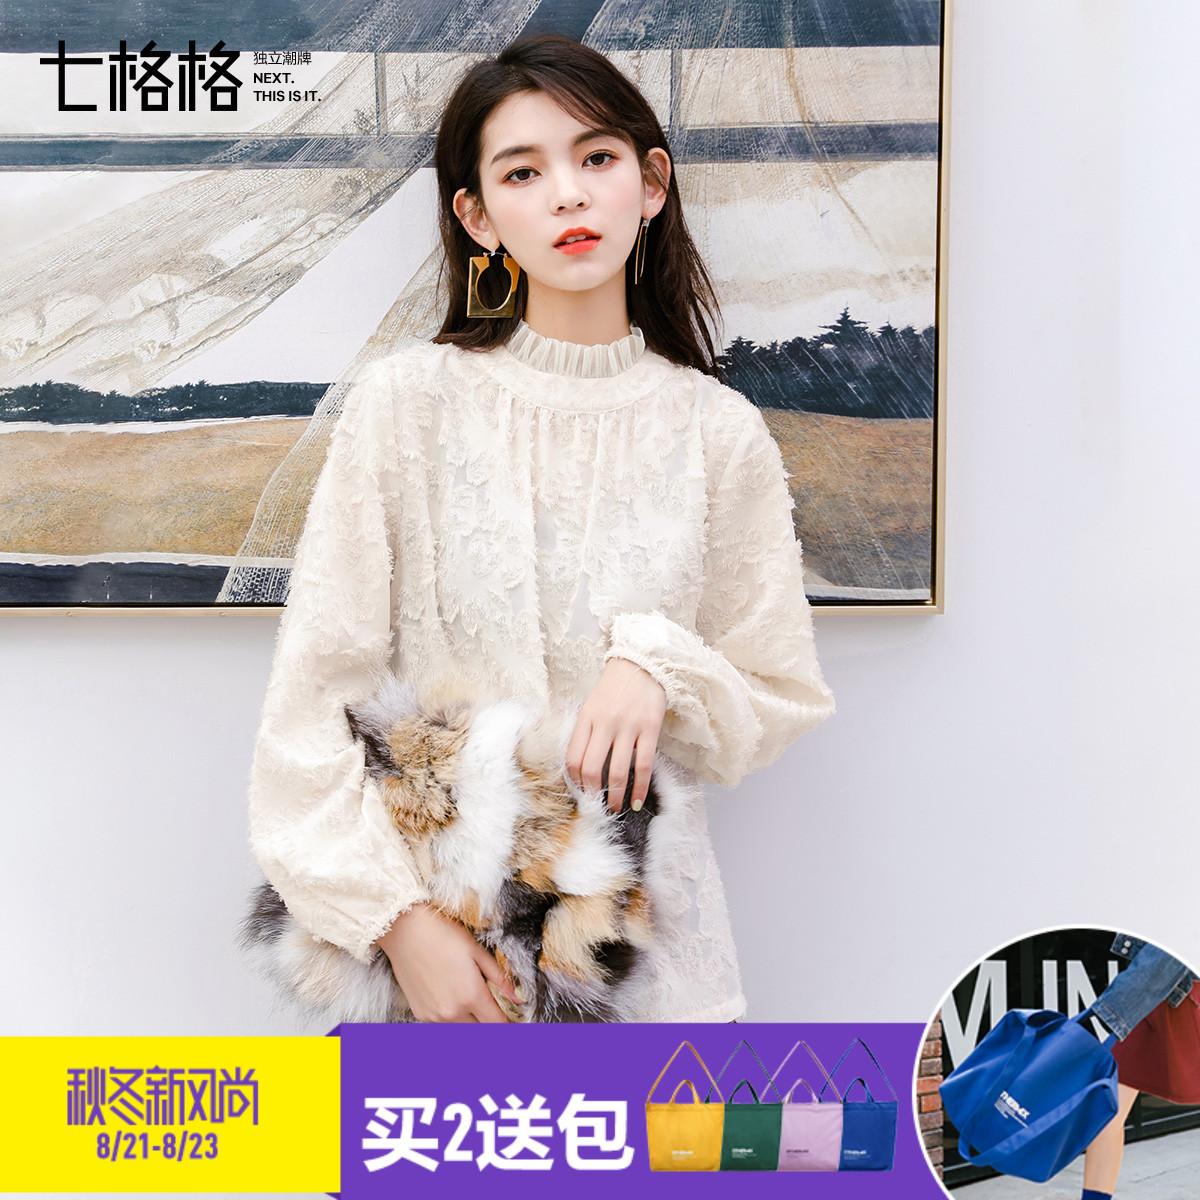 雪纺衫长袖女秋装2018新款韩版气质上衣蕾丝宽松遮肚子洋气小衫潮